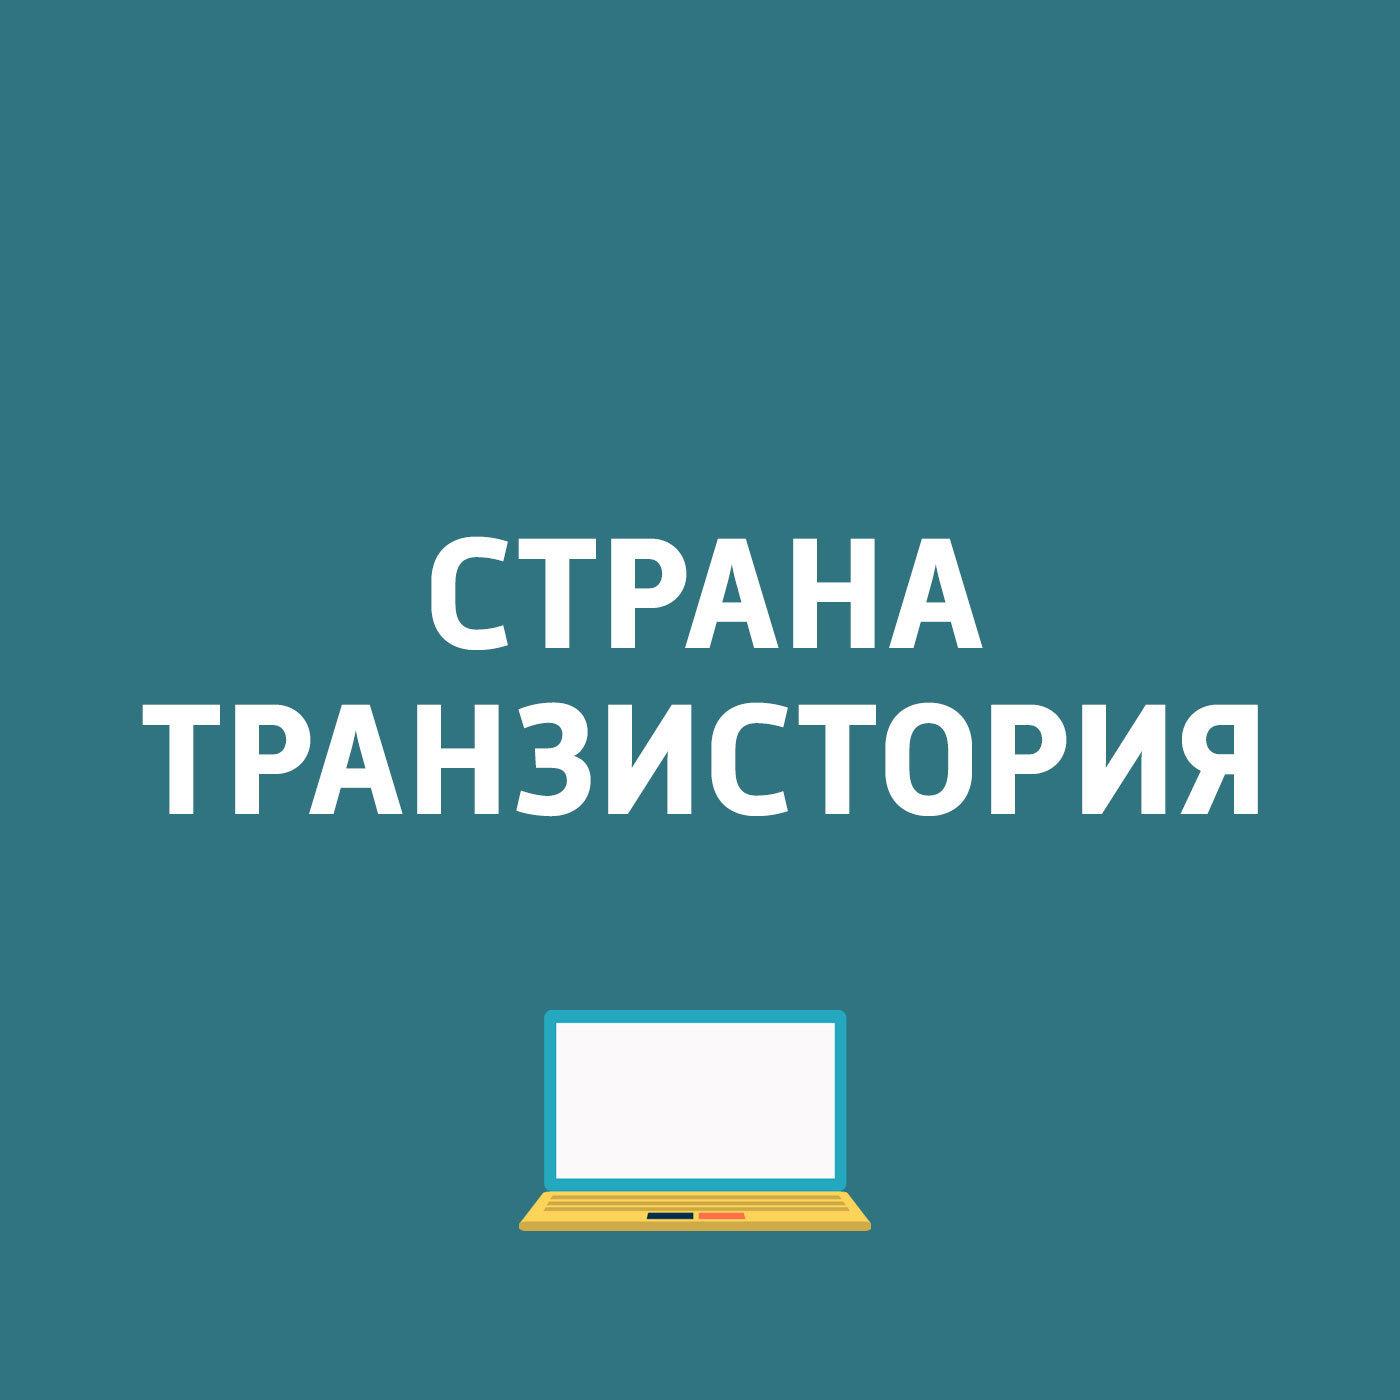 Картаев Павел В «Яндекс.Маркет» добавили возможность оплаты товаров картой... картаев павел aliexpress меняет правила доставки товаров обзор игр